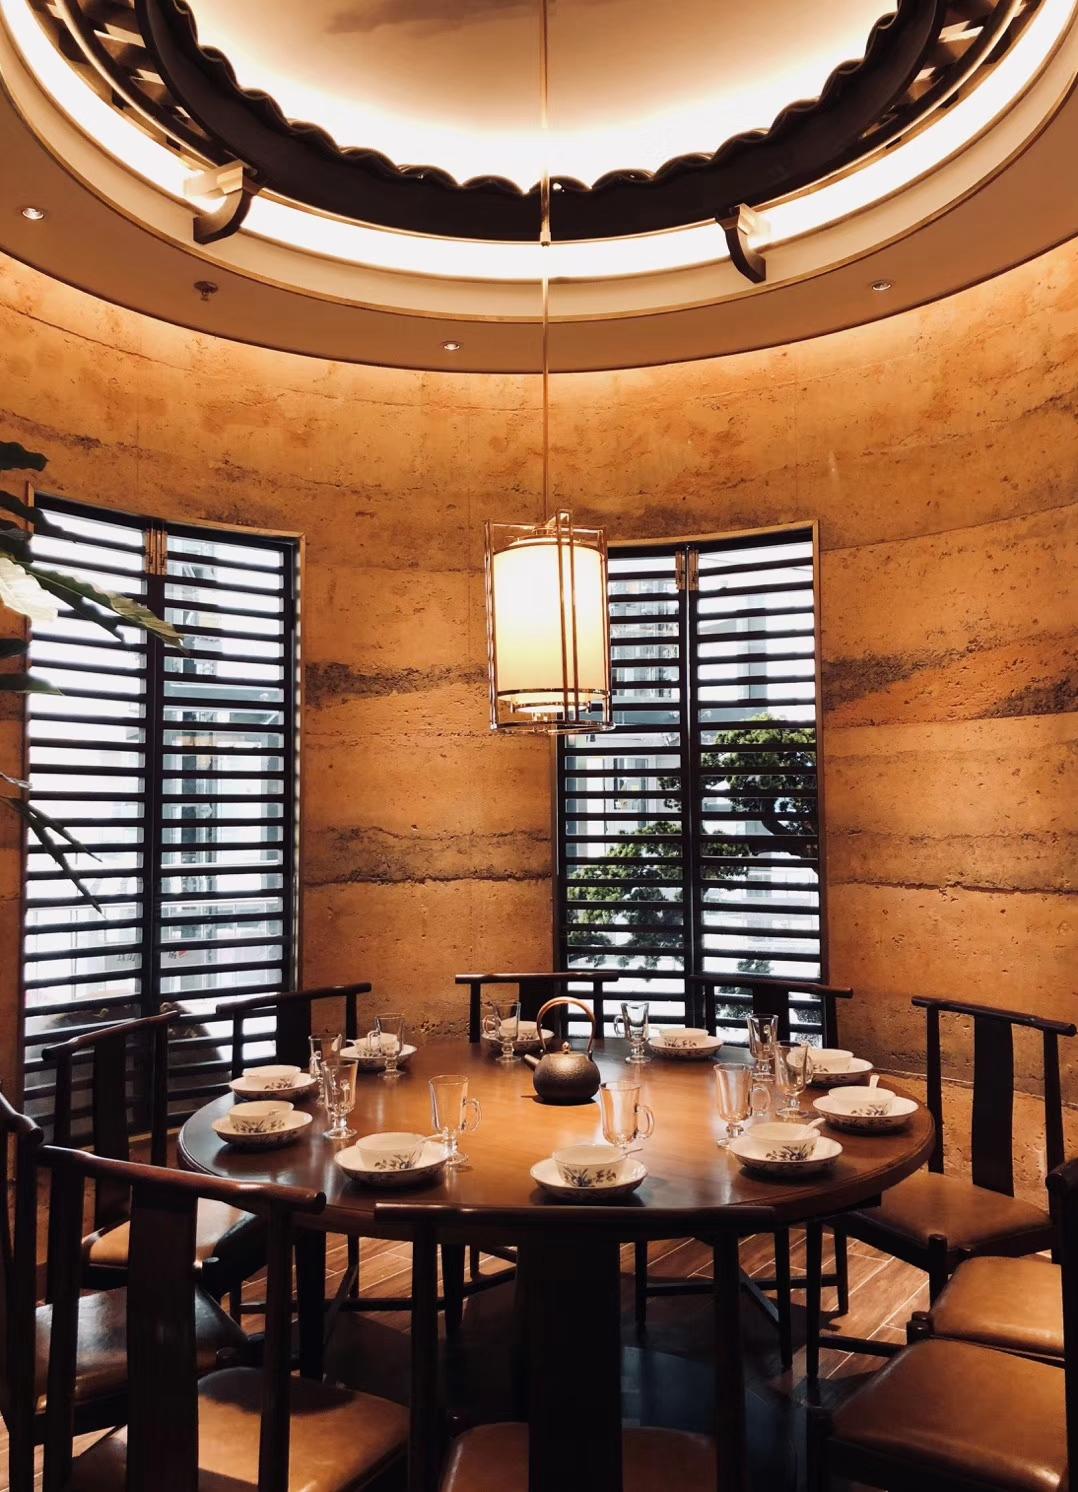 餐饮空间的照明布局应该这么设计